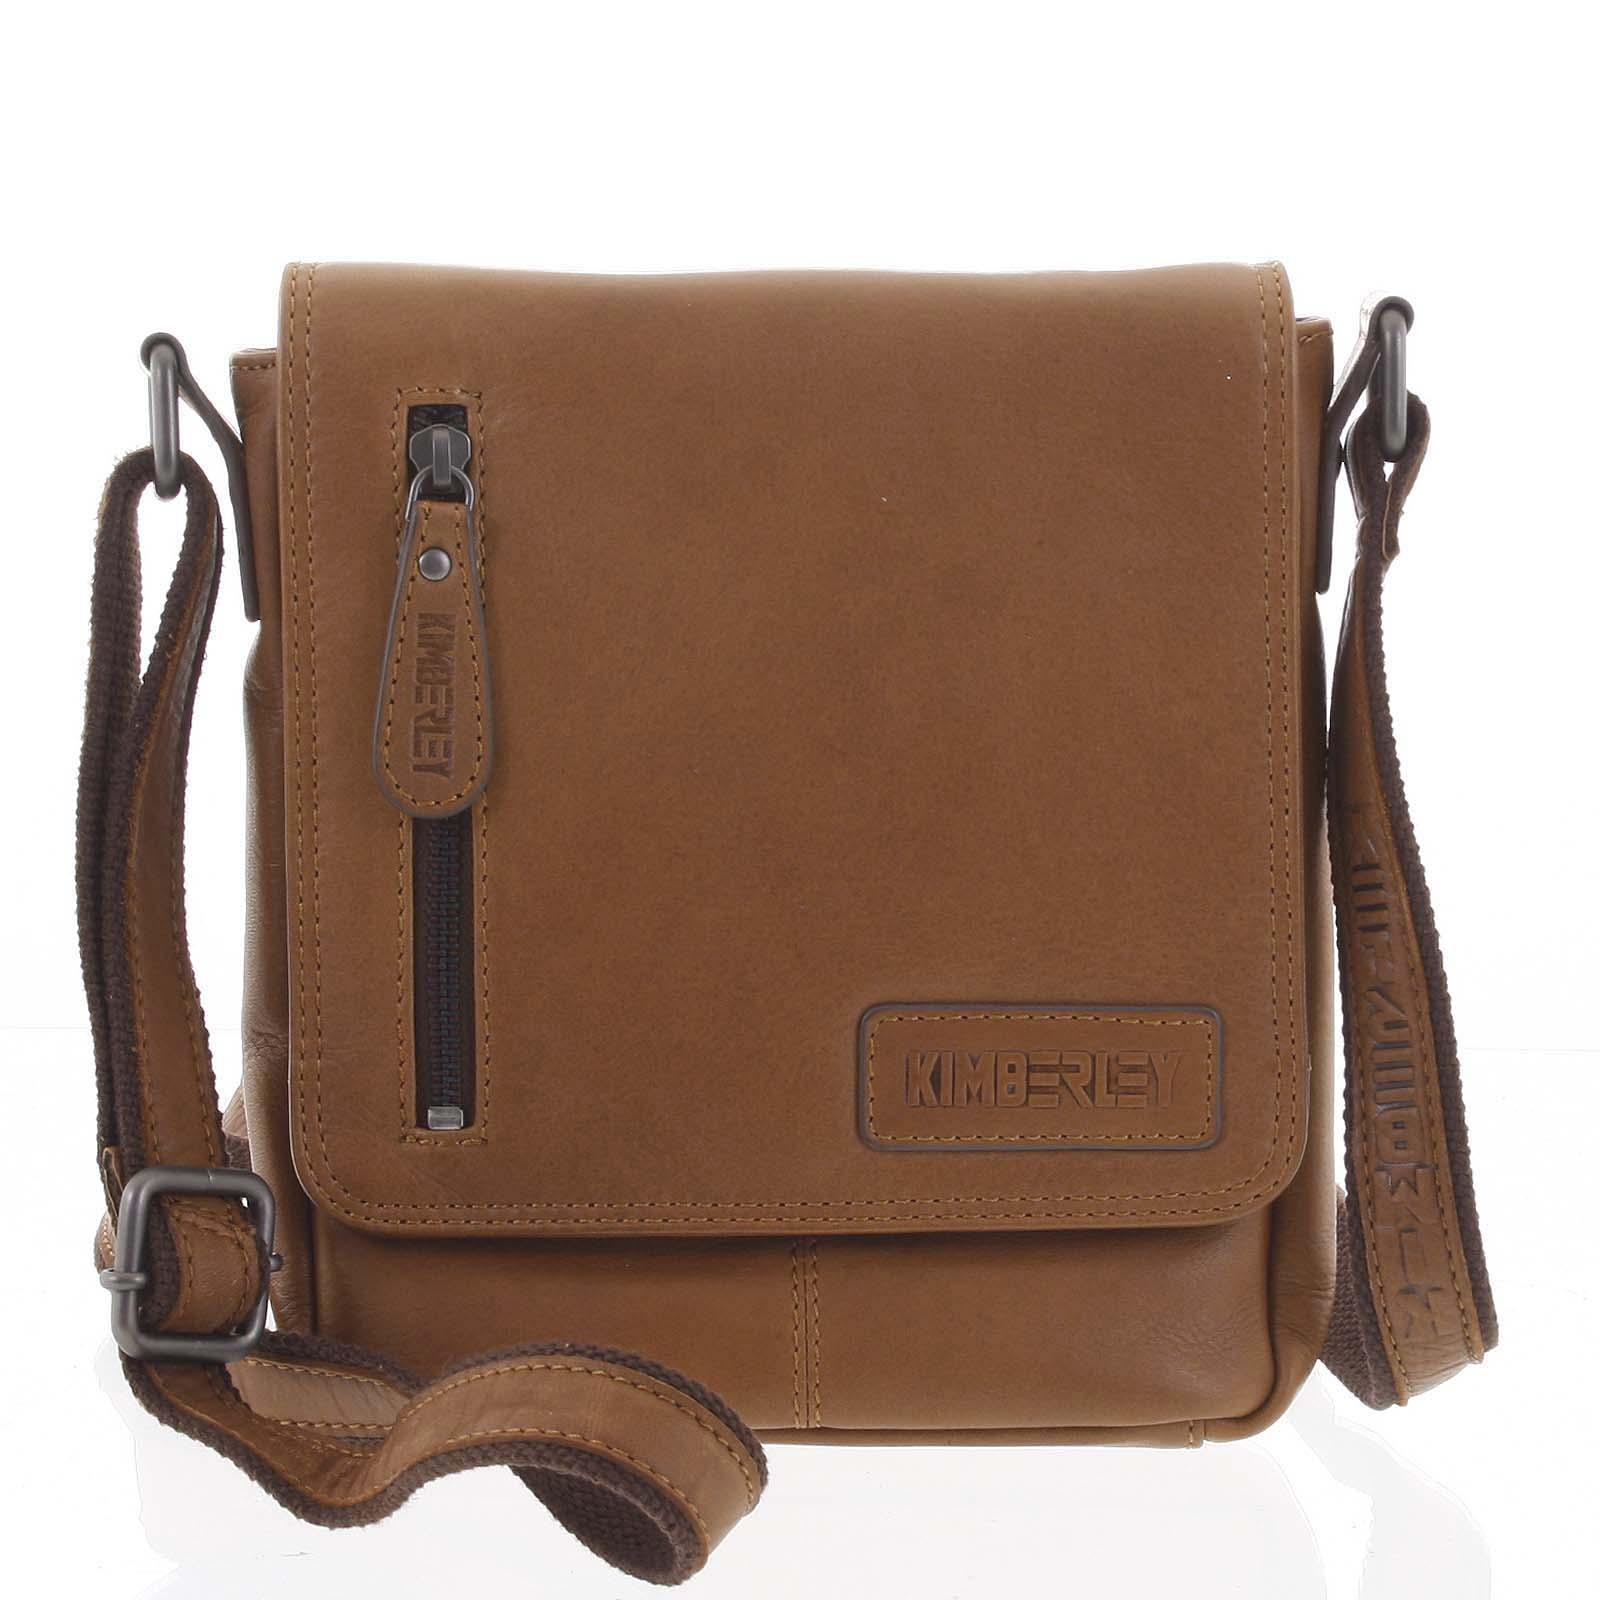 Luxusná pánska kožená taška hnedá - Kimberley Torr hnedá